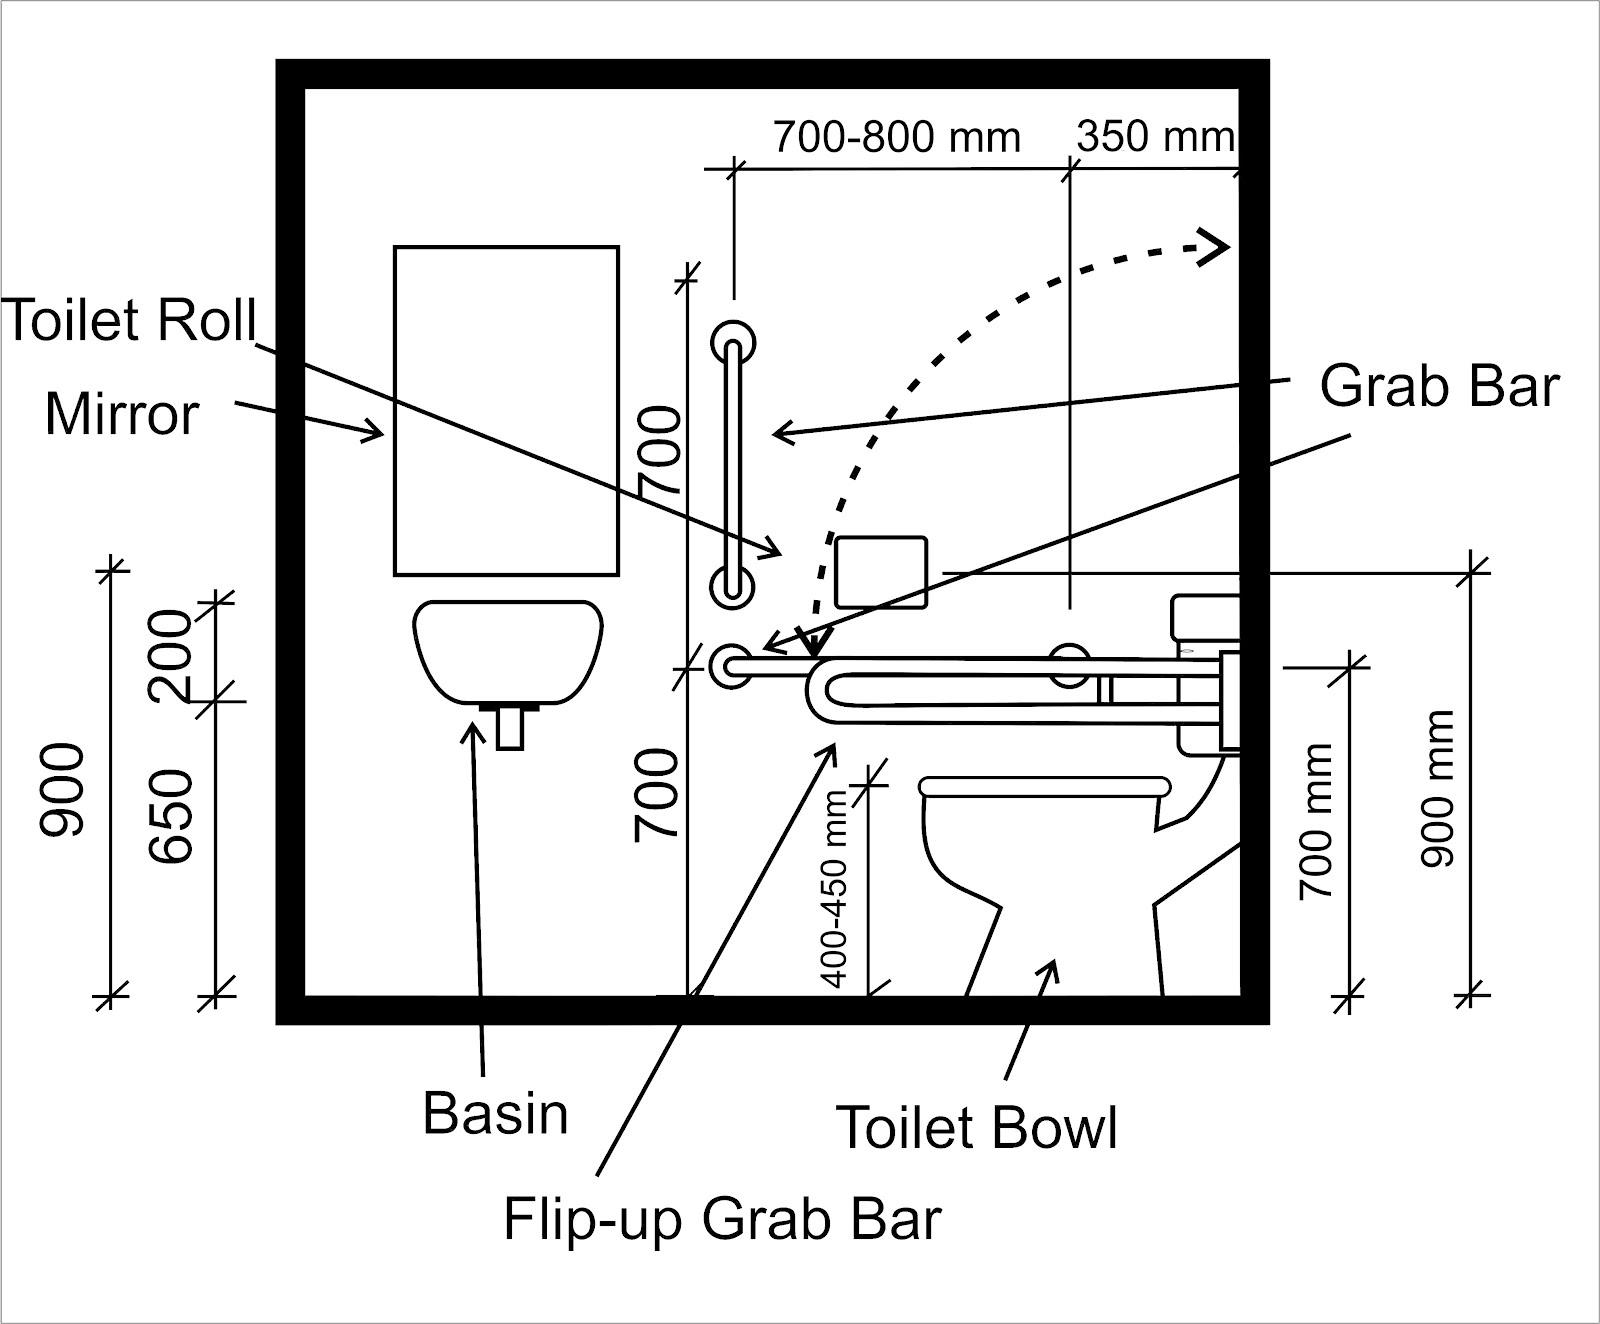 Toilet Bowl Diagram